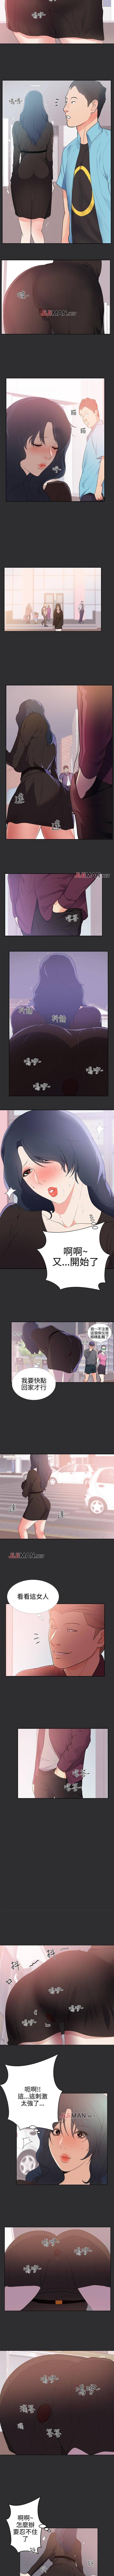 【已完结】性癖好(作者:主寧 & 洗髮精) 第1~30话 127